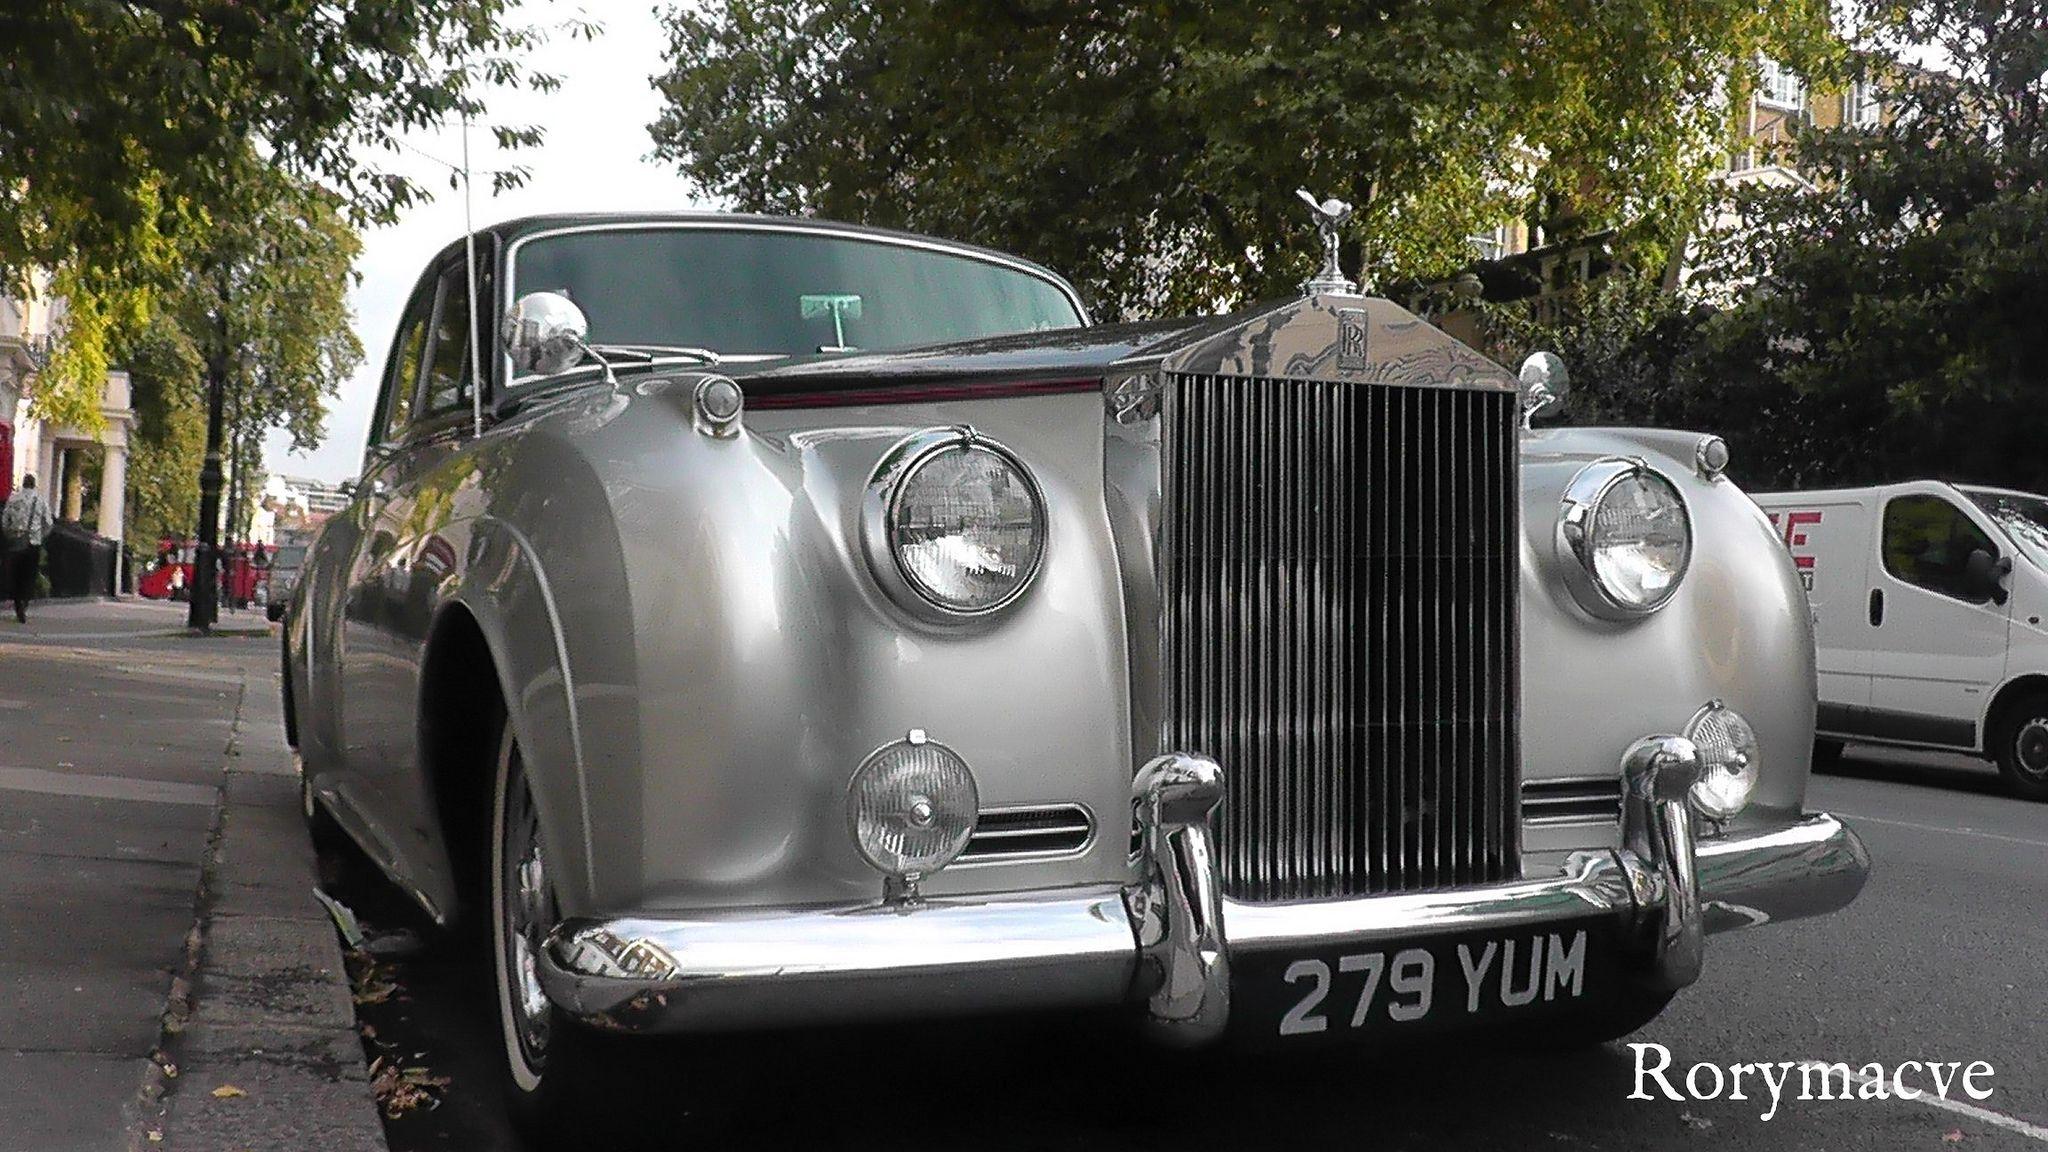 1959 Rolls Royce Silver Cloud   Rolls royce silver cloud, Rolls ...